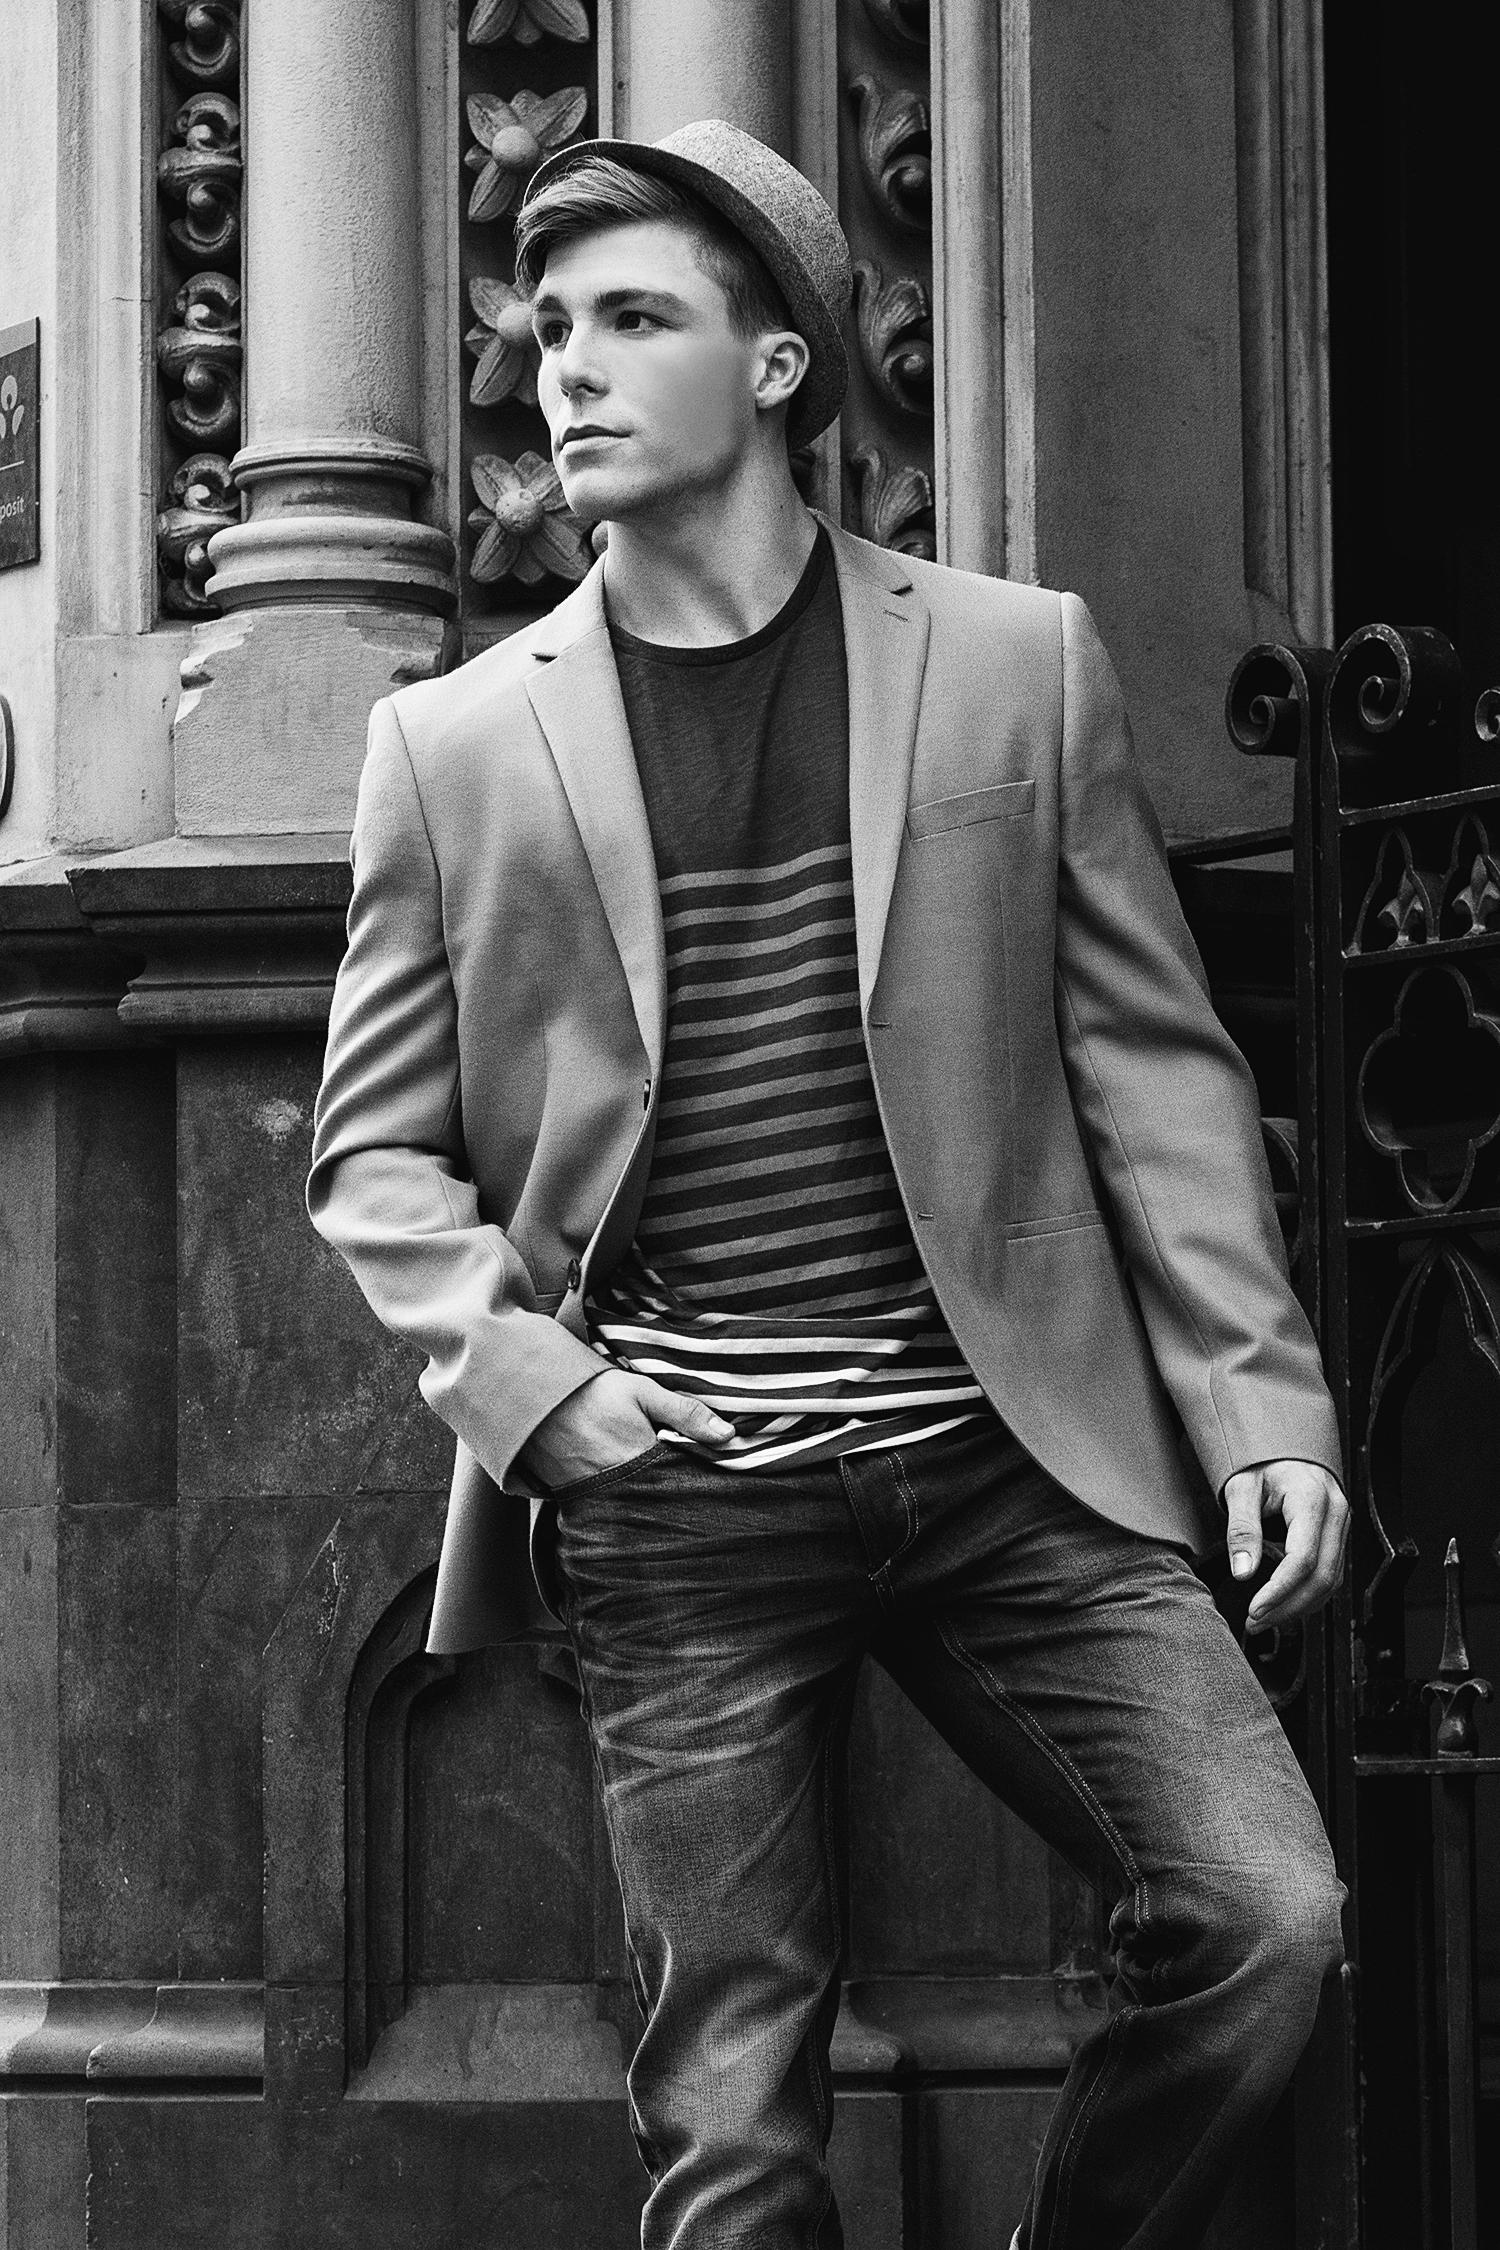 Adon Exclusive: Model James Thomas By Simon Le — Adon